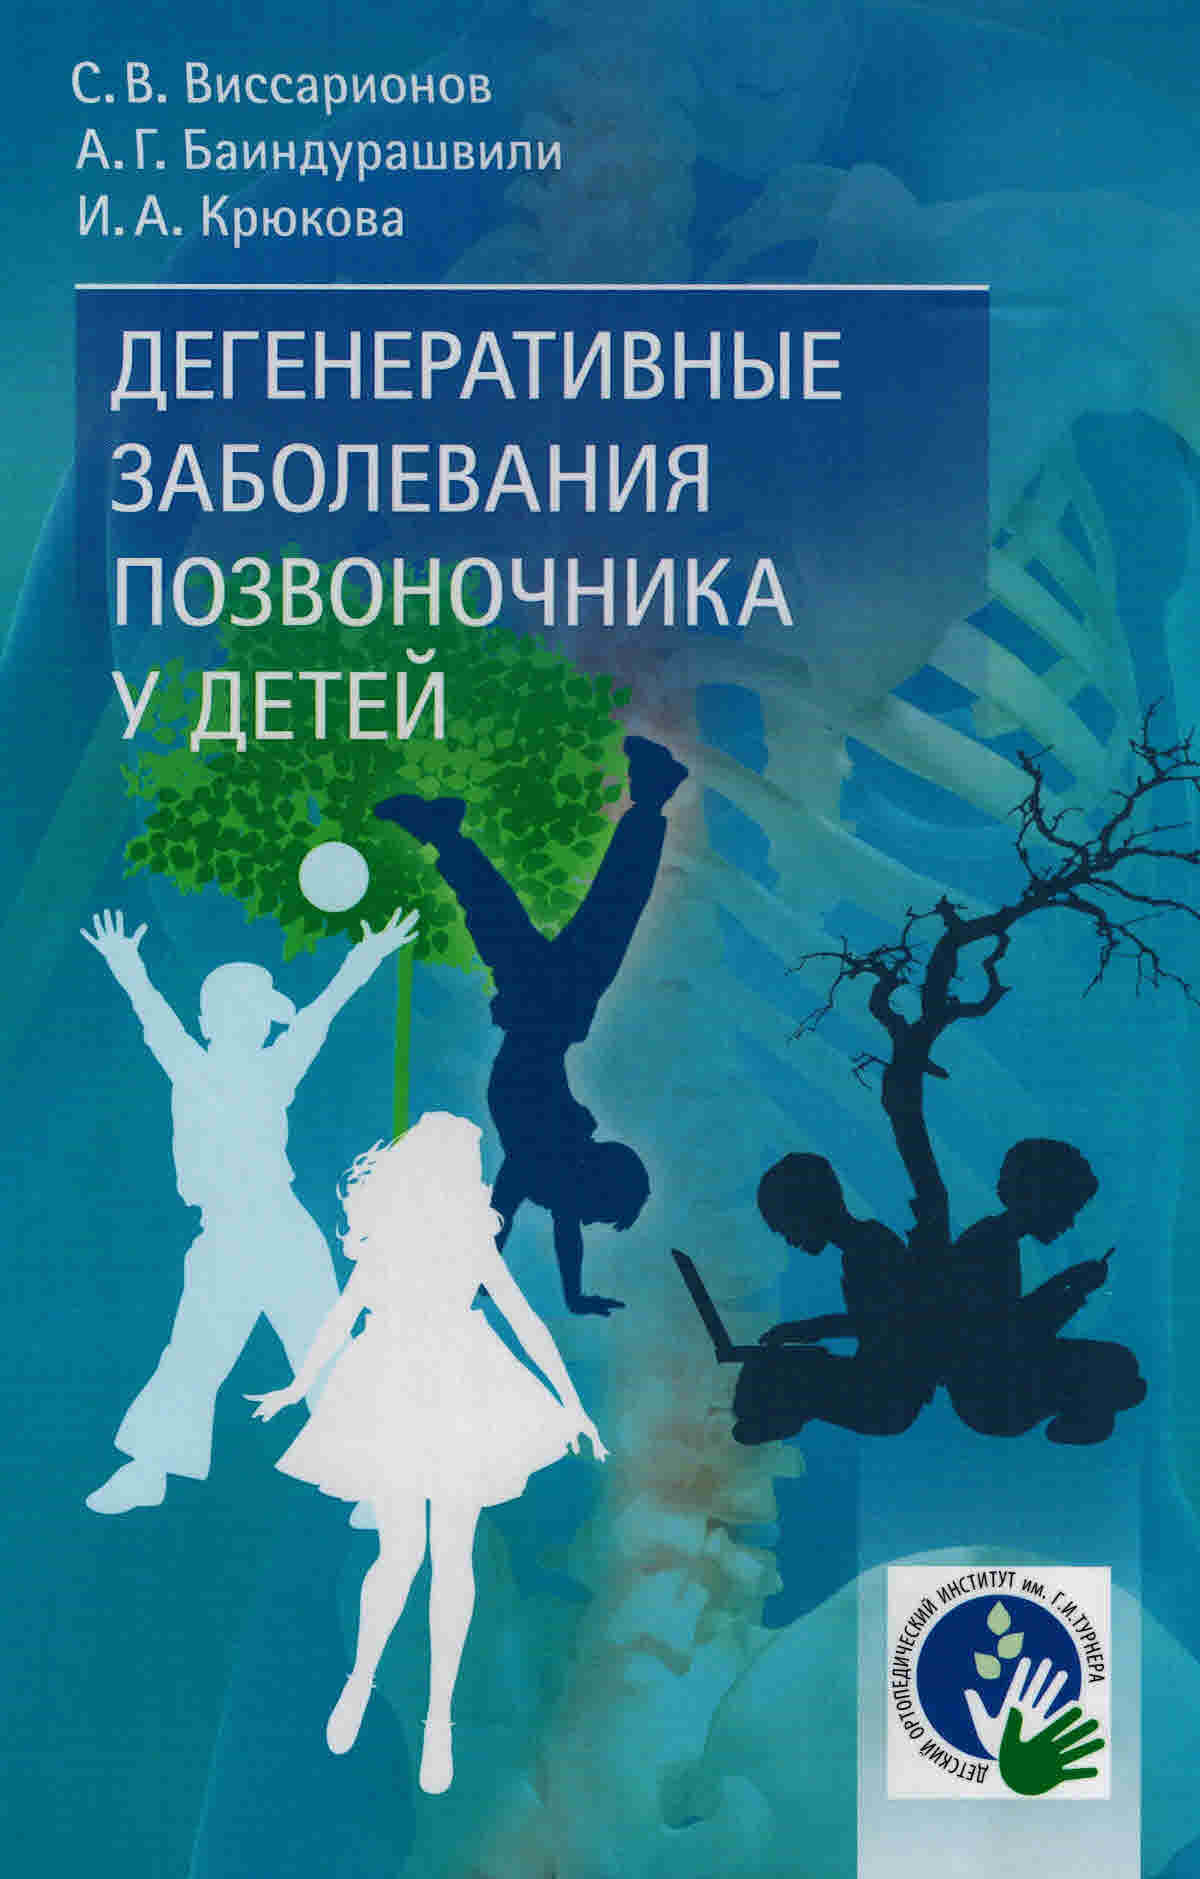 Книги по детской неврологии Дегенеративные заболевания позвоночника у детей degener_zab_pozv_u_detei.jpg